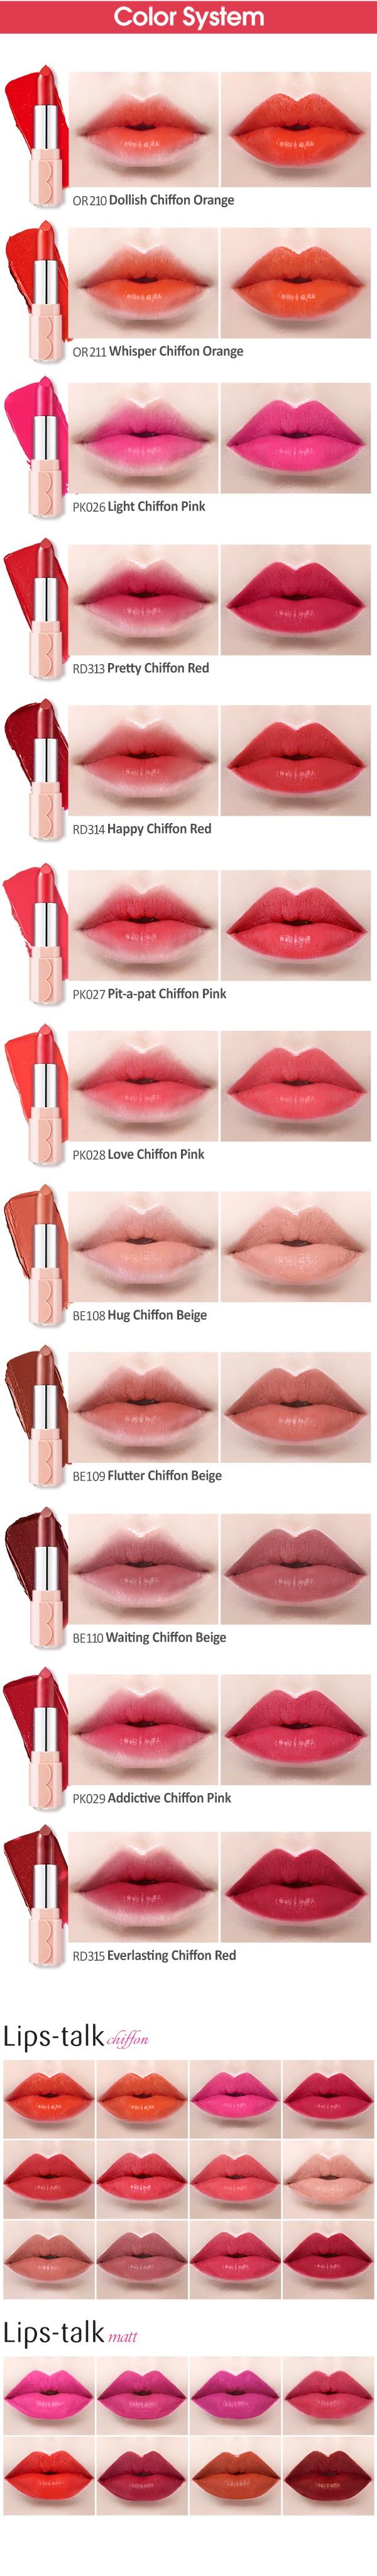 20190218 lipstalk chiffon col - فروشگاه اینترنتی می شاپ